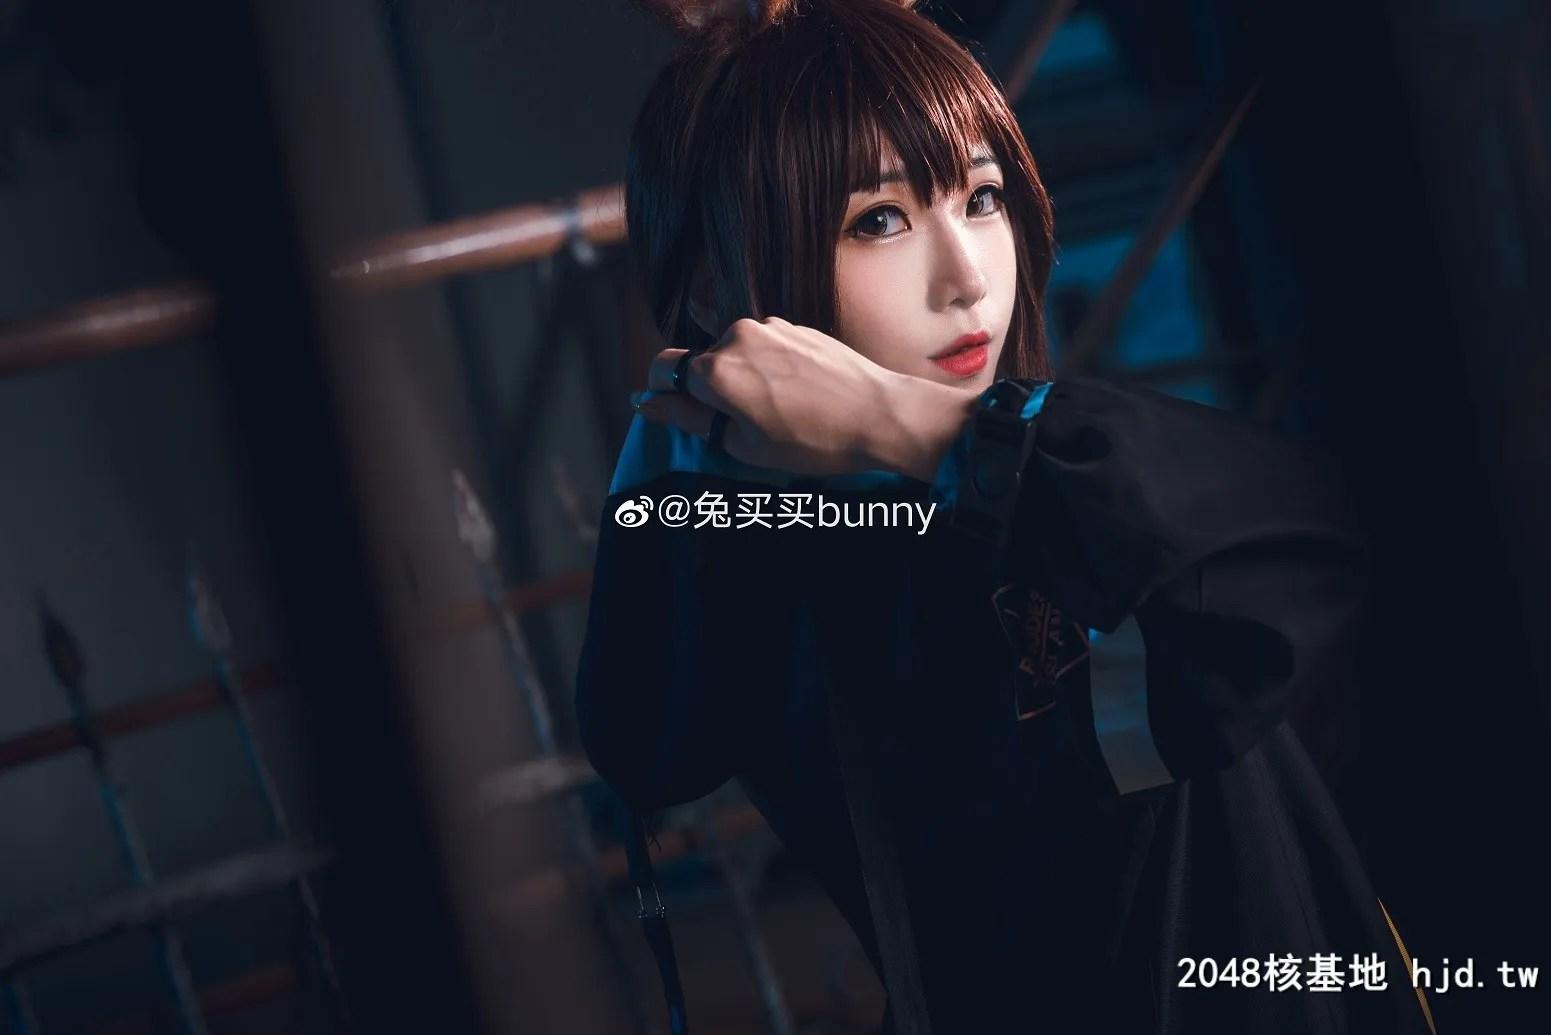 明日方舟阿米娅@兔买买bunny (9P)插图(6)